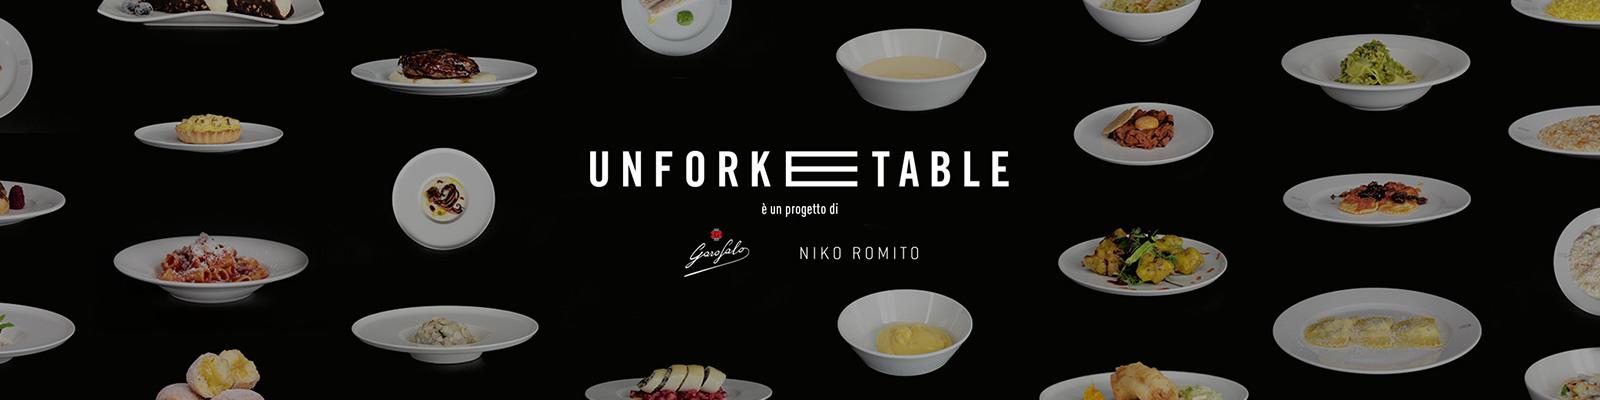 Pasta Garofalo porta Unforketable su Youtube